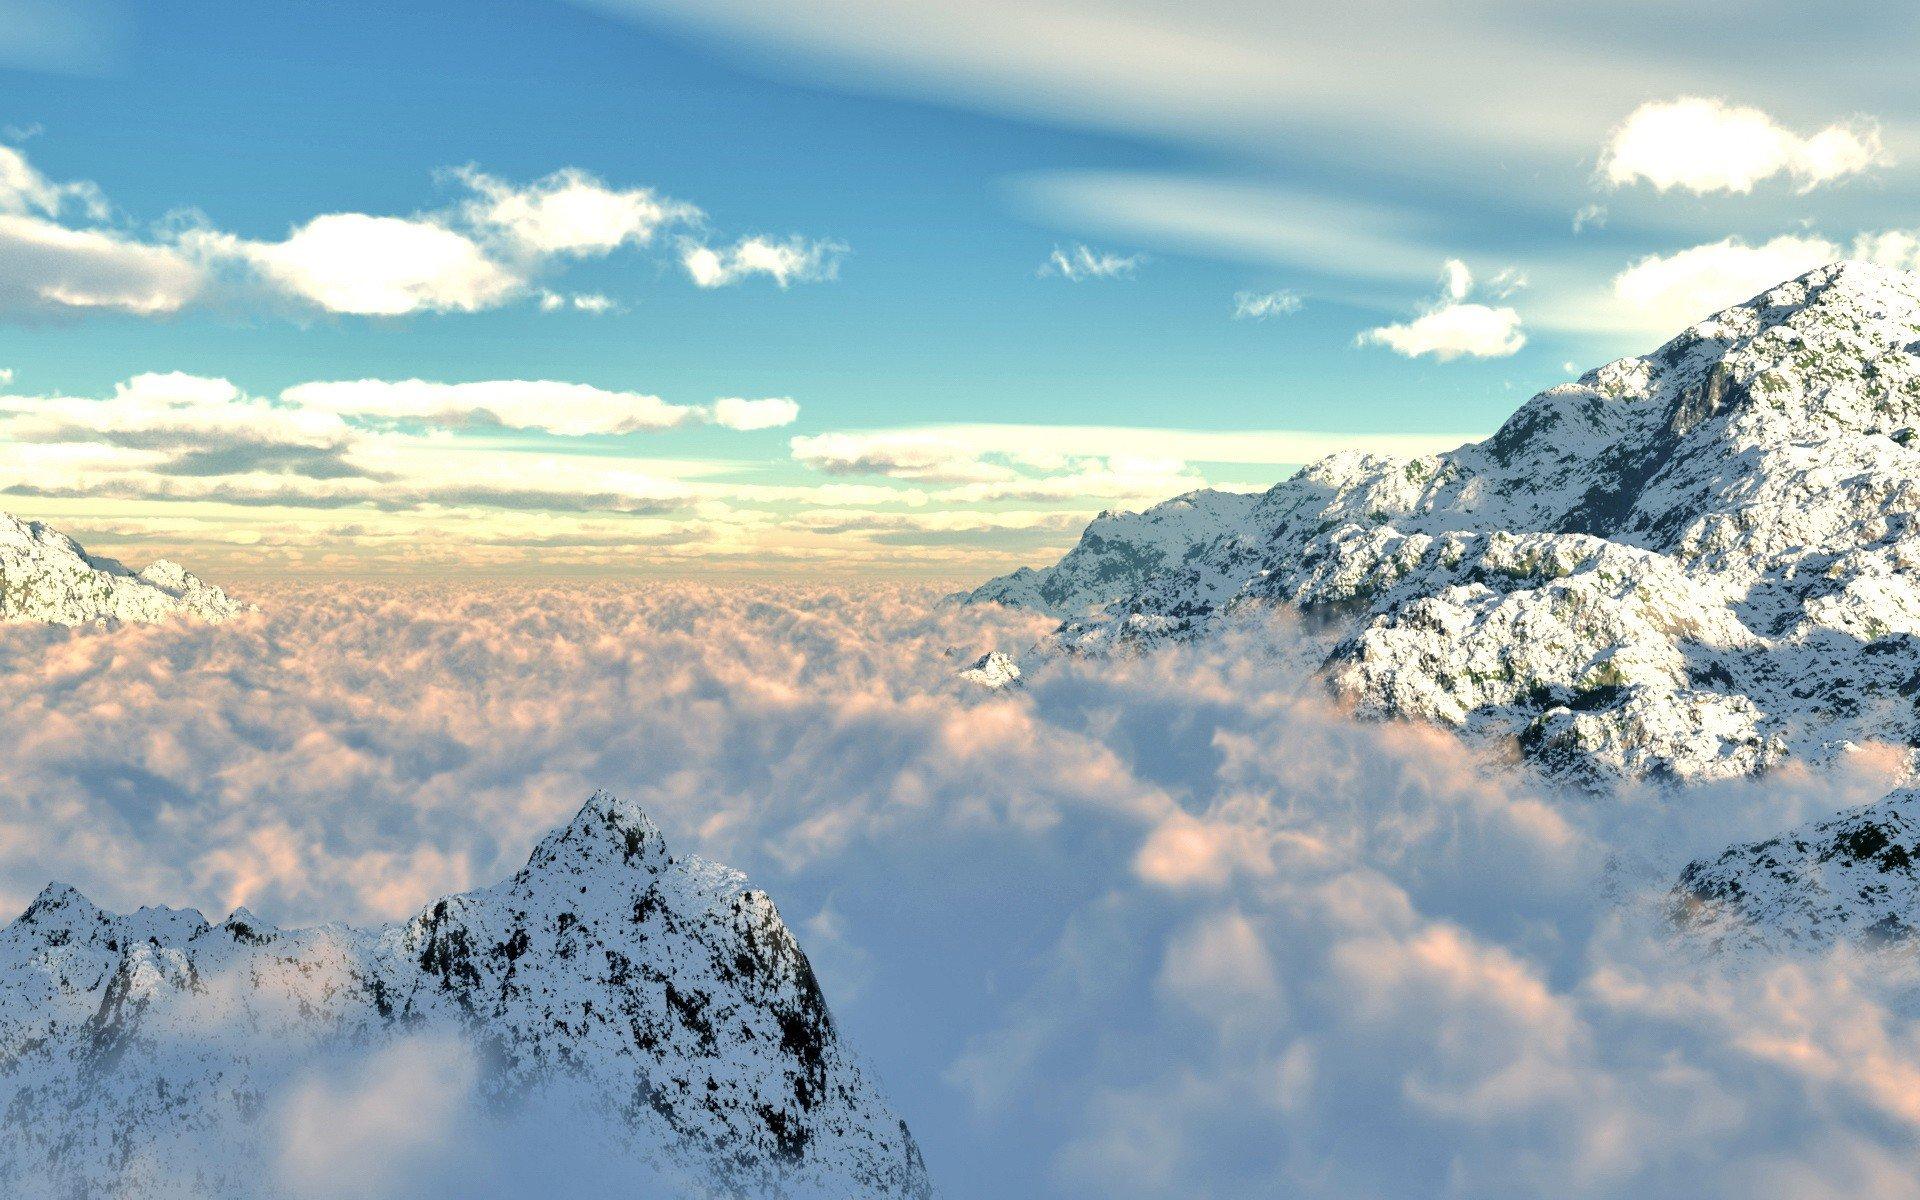 ване красивые картинки гор с облаками изобретения зубной